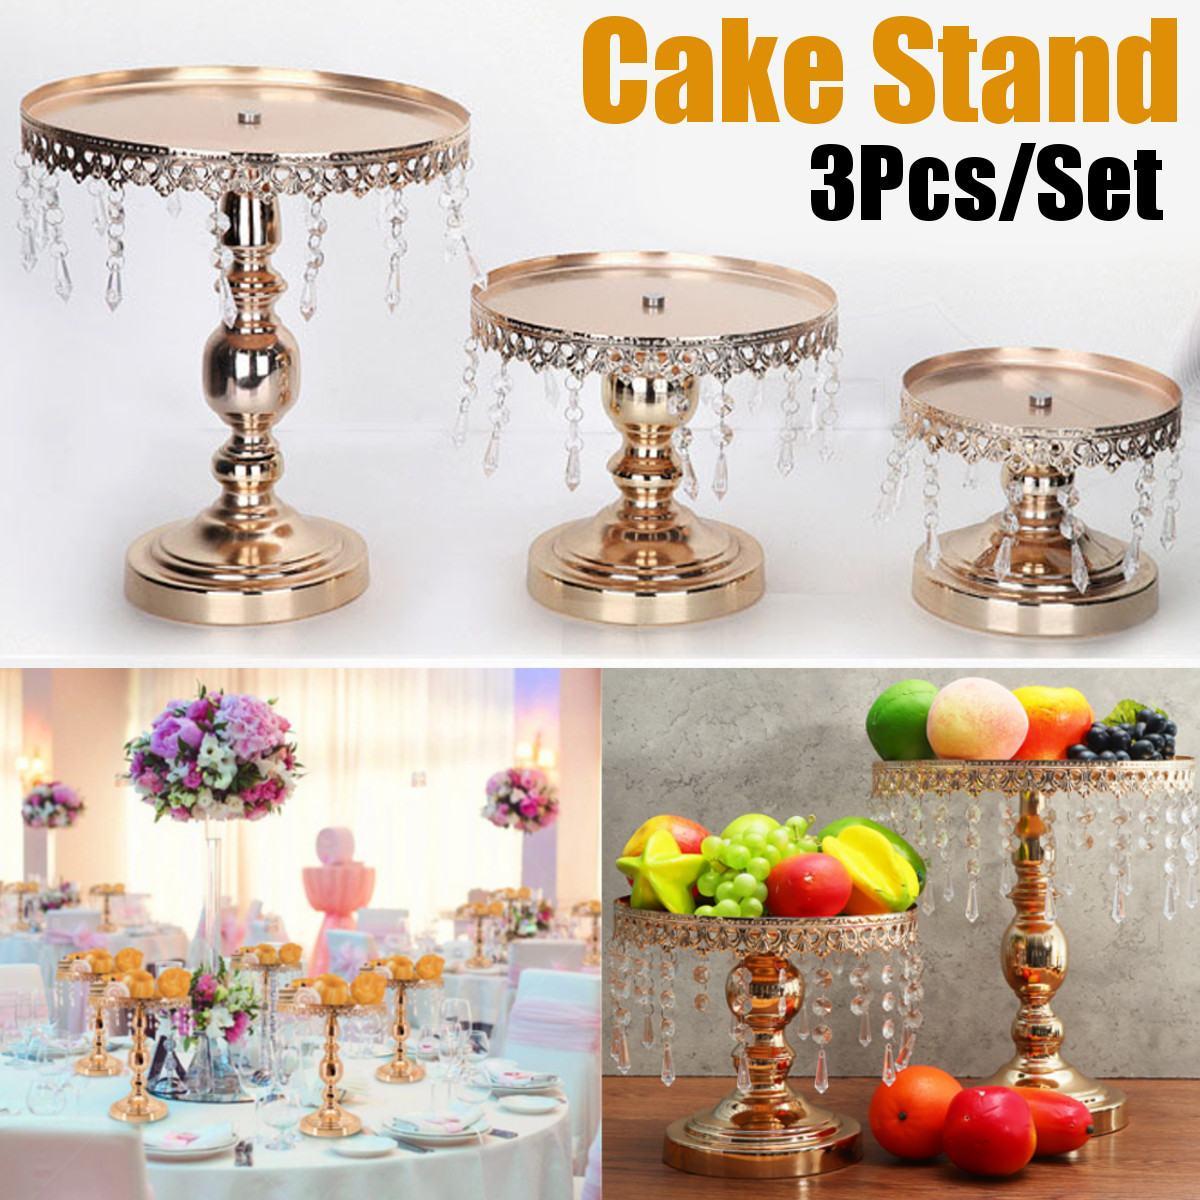 3 pièces/ensemble mariage Dessert plateau gâteau Stand titulaire or miroir Surface de mariage fête d'anniversaire décoration Pan gâteau biscuits affichage